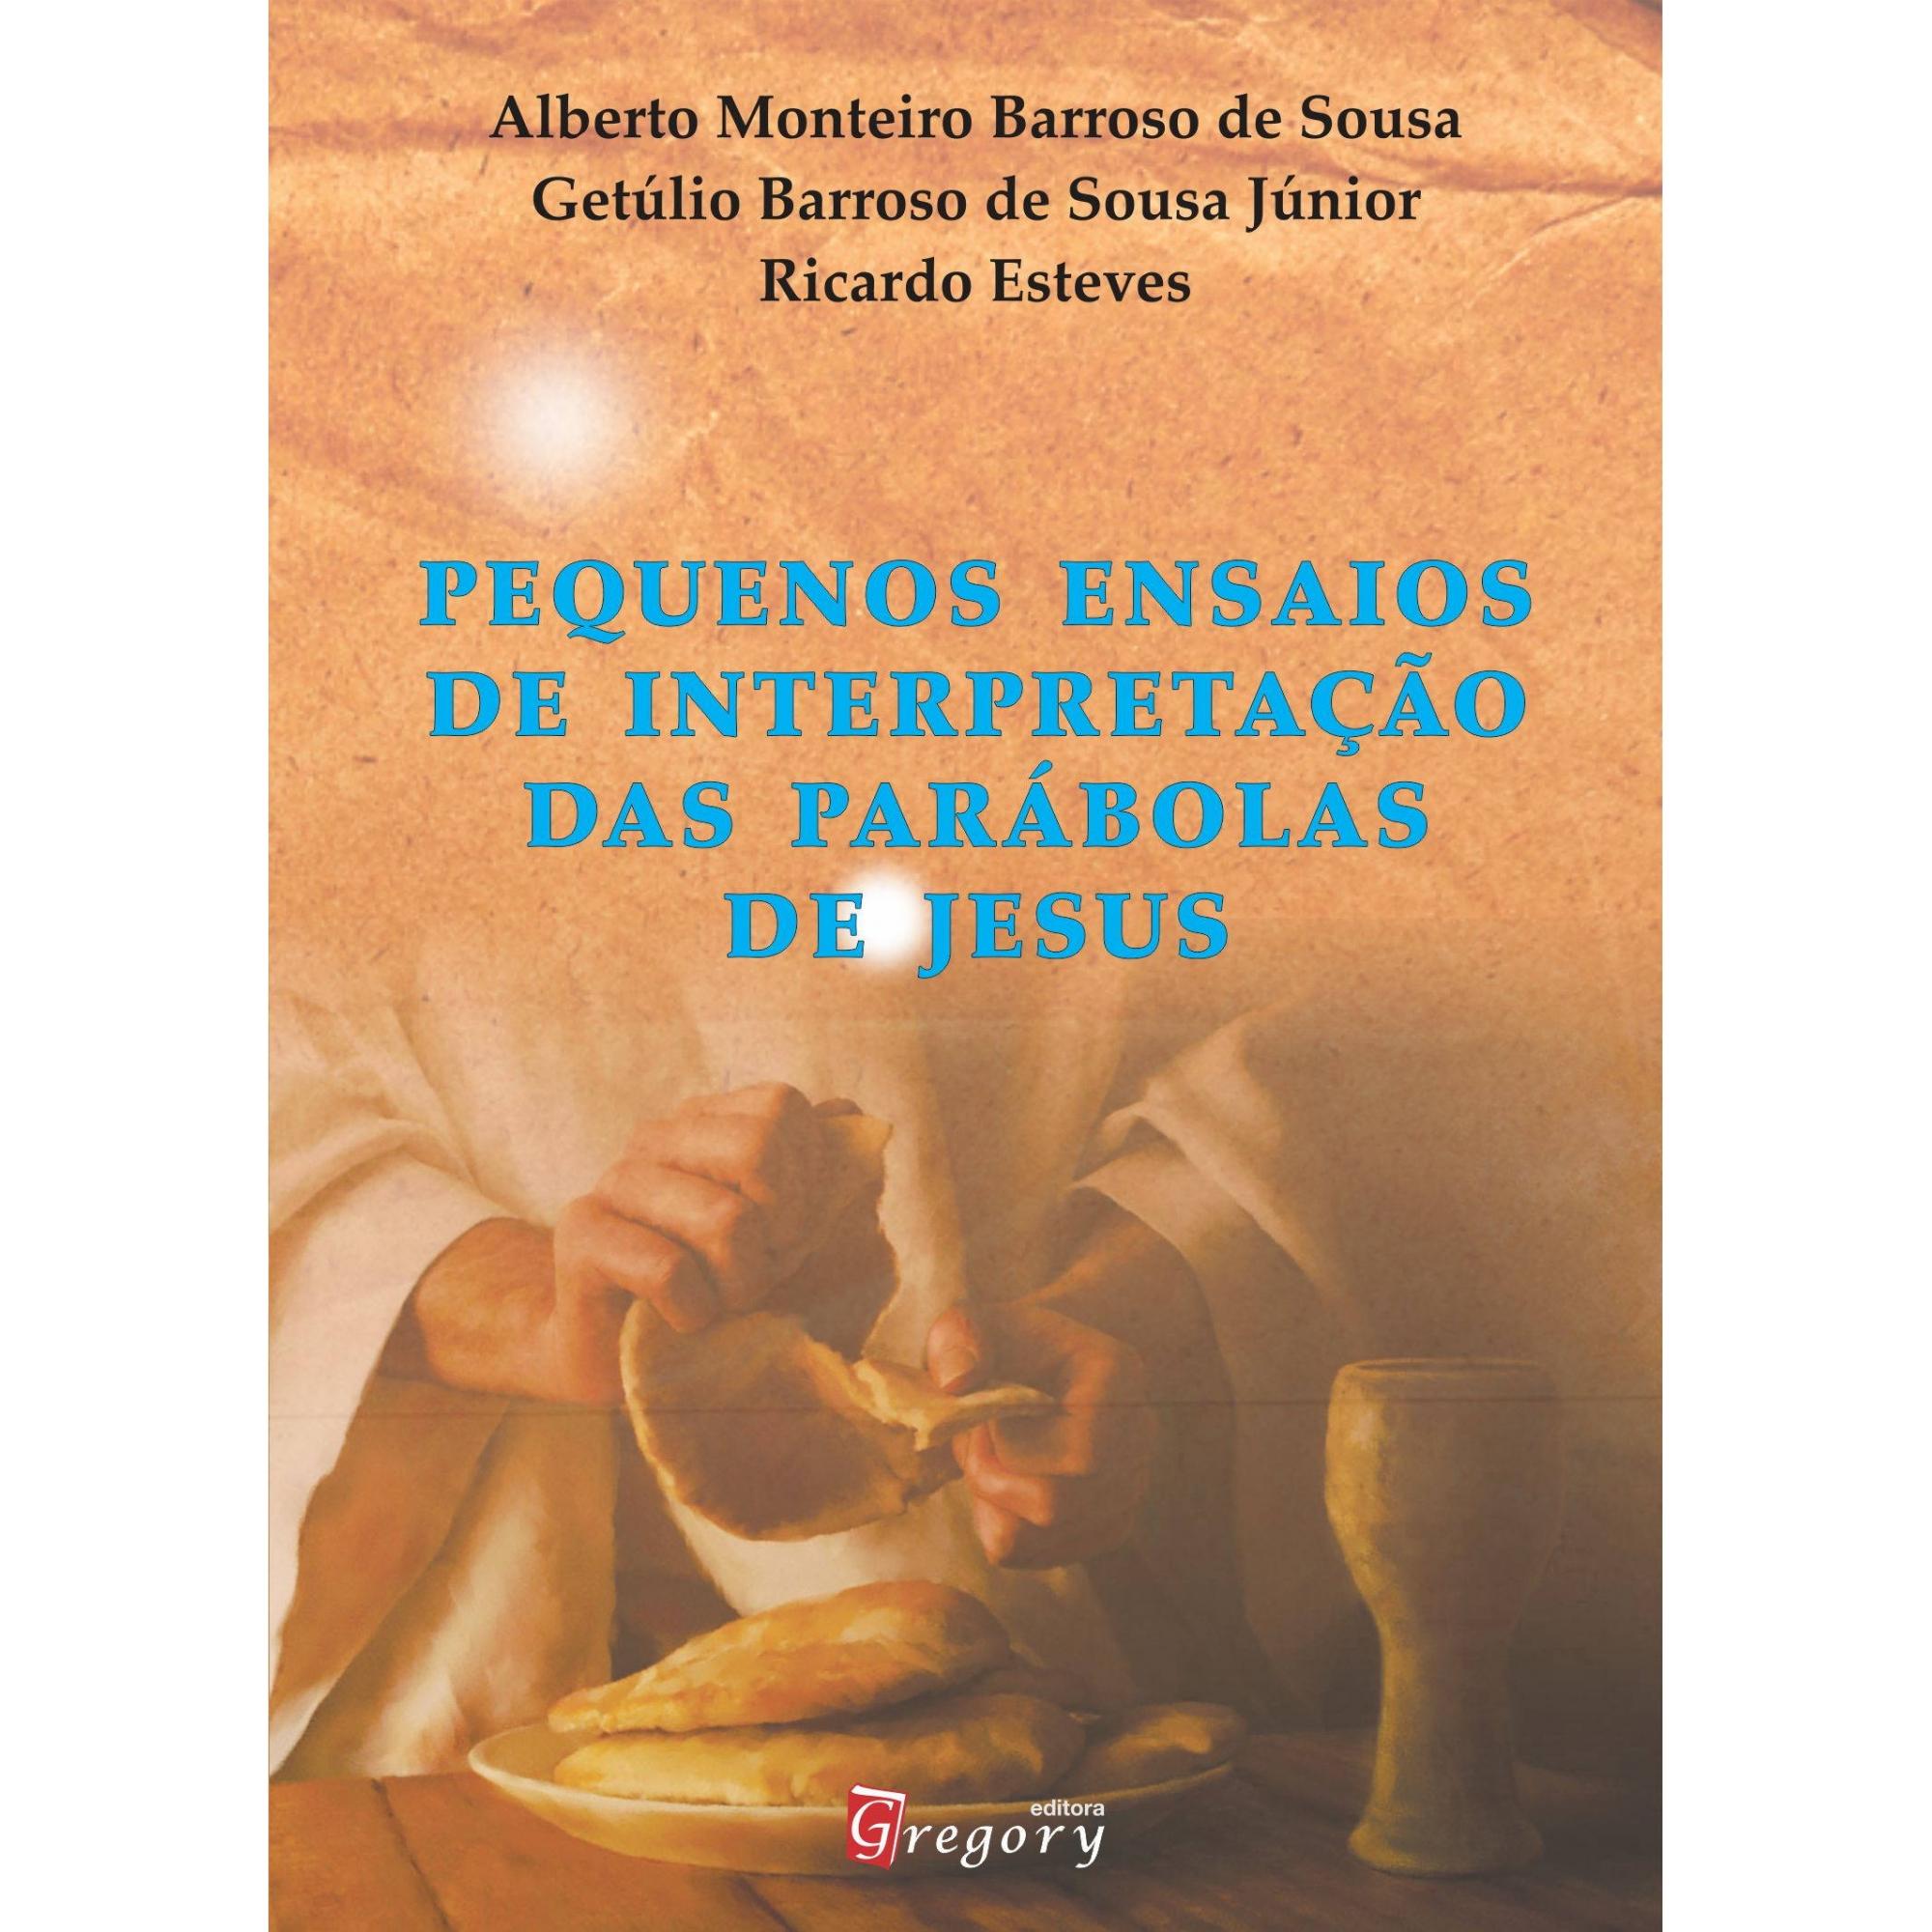 LIVRO PEQUENOS ENSAIOS DE INTERPRETAÇÃO DAS PARÁBOLAS DE JESUS